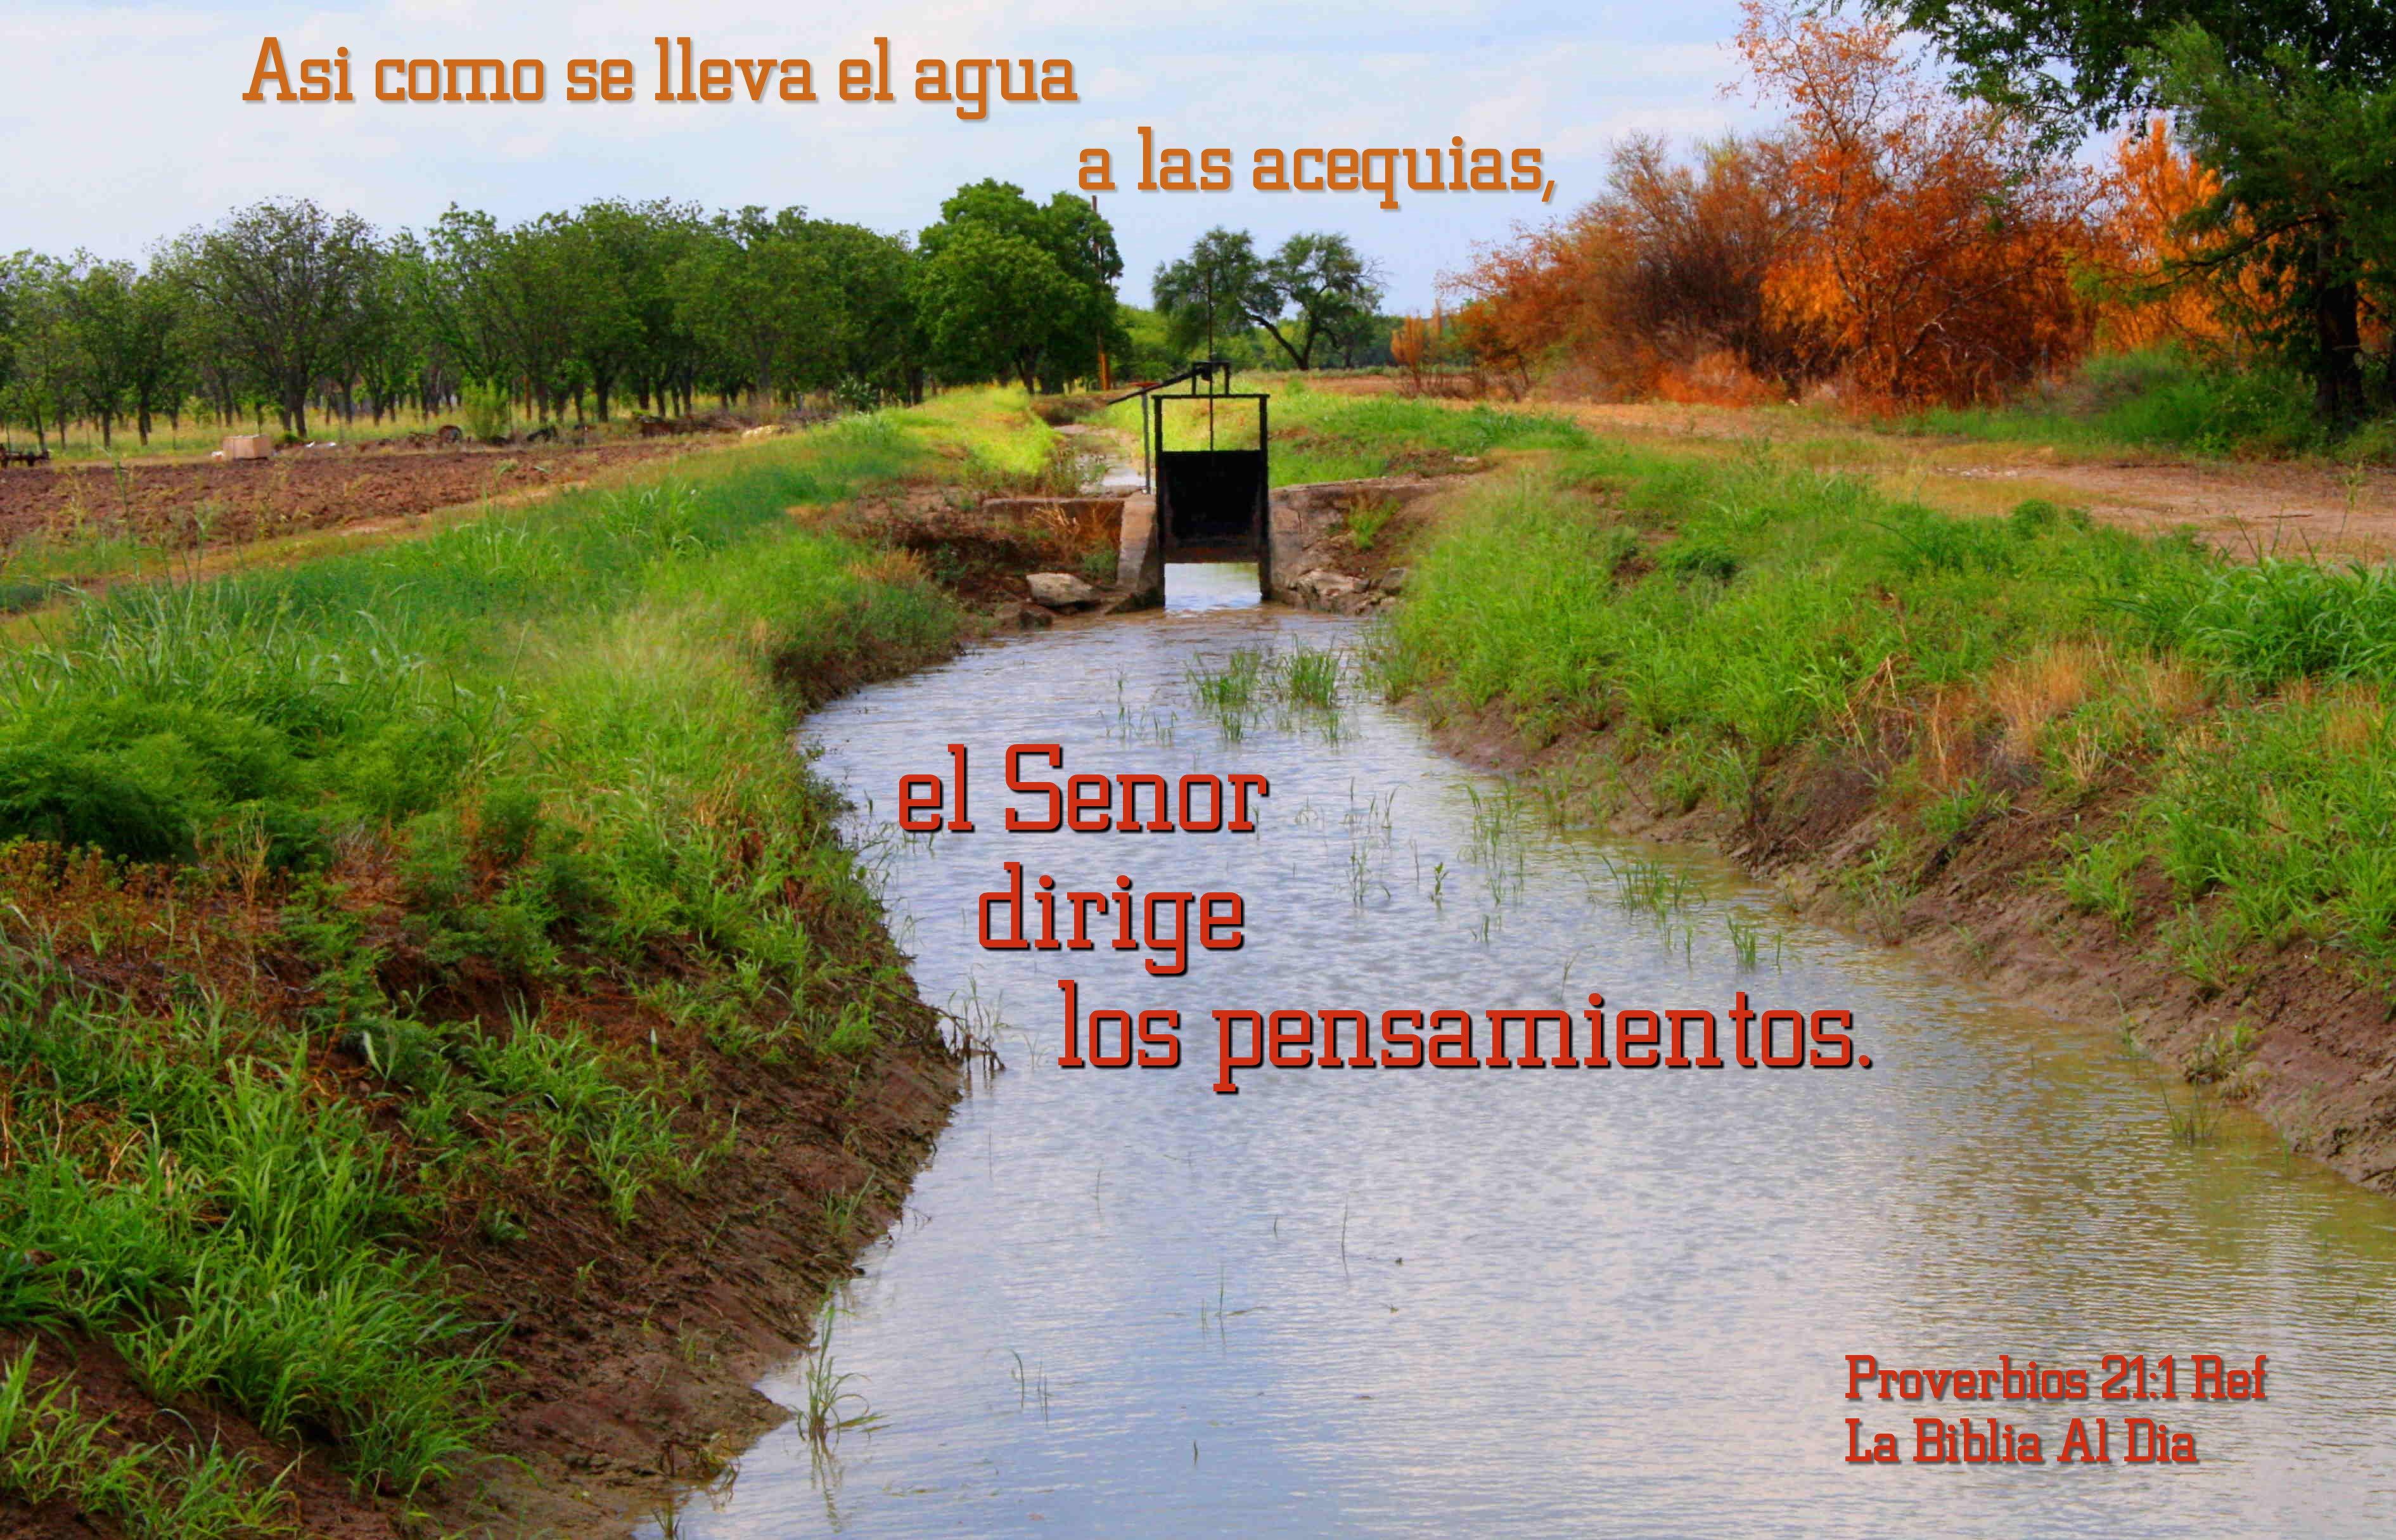 El Senor Dirige Los Pensamientos, Autumn, Bible, Creek, Fall, HQ Photo